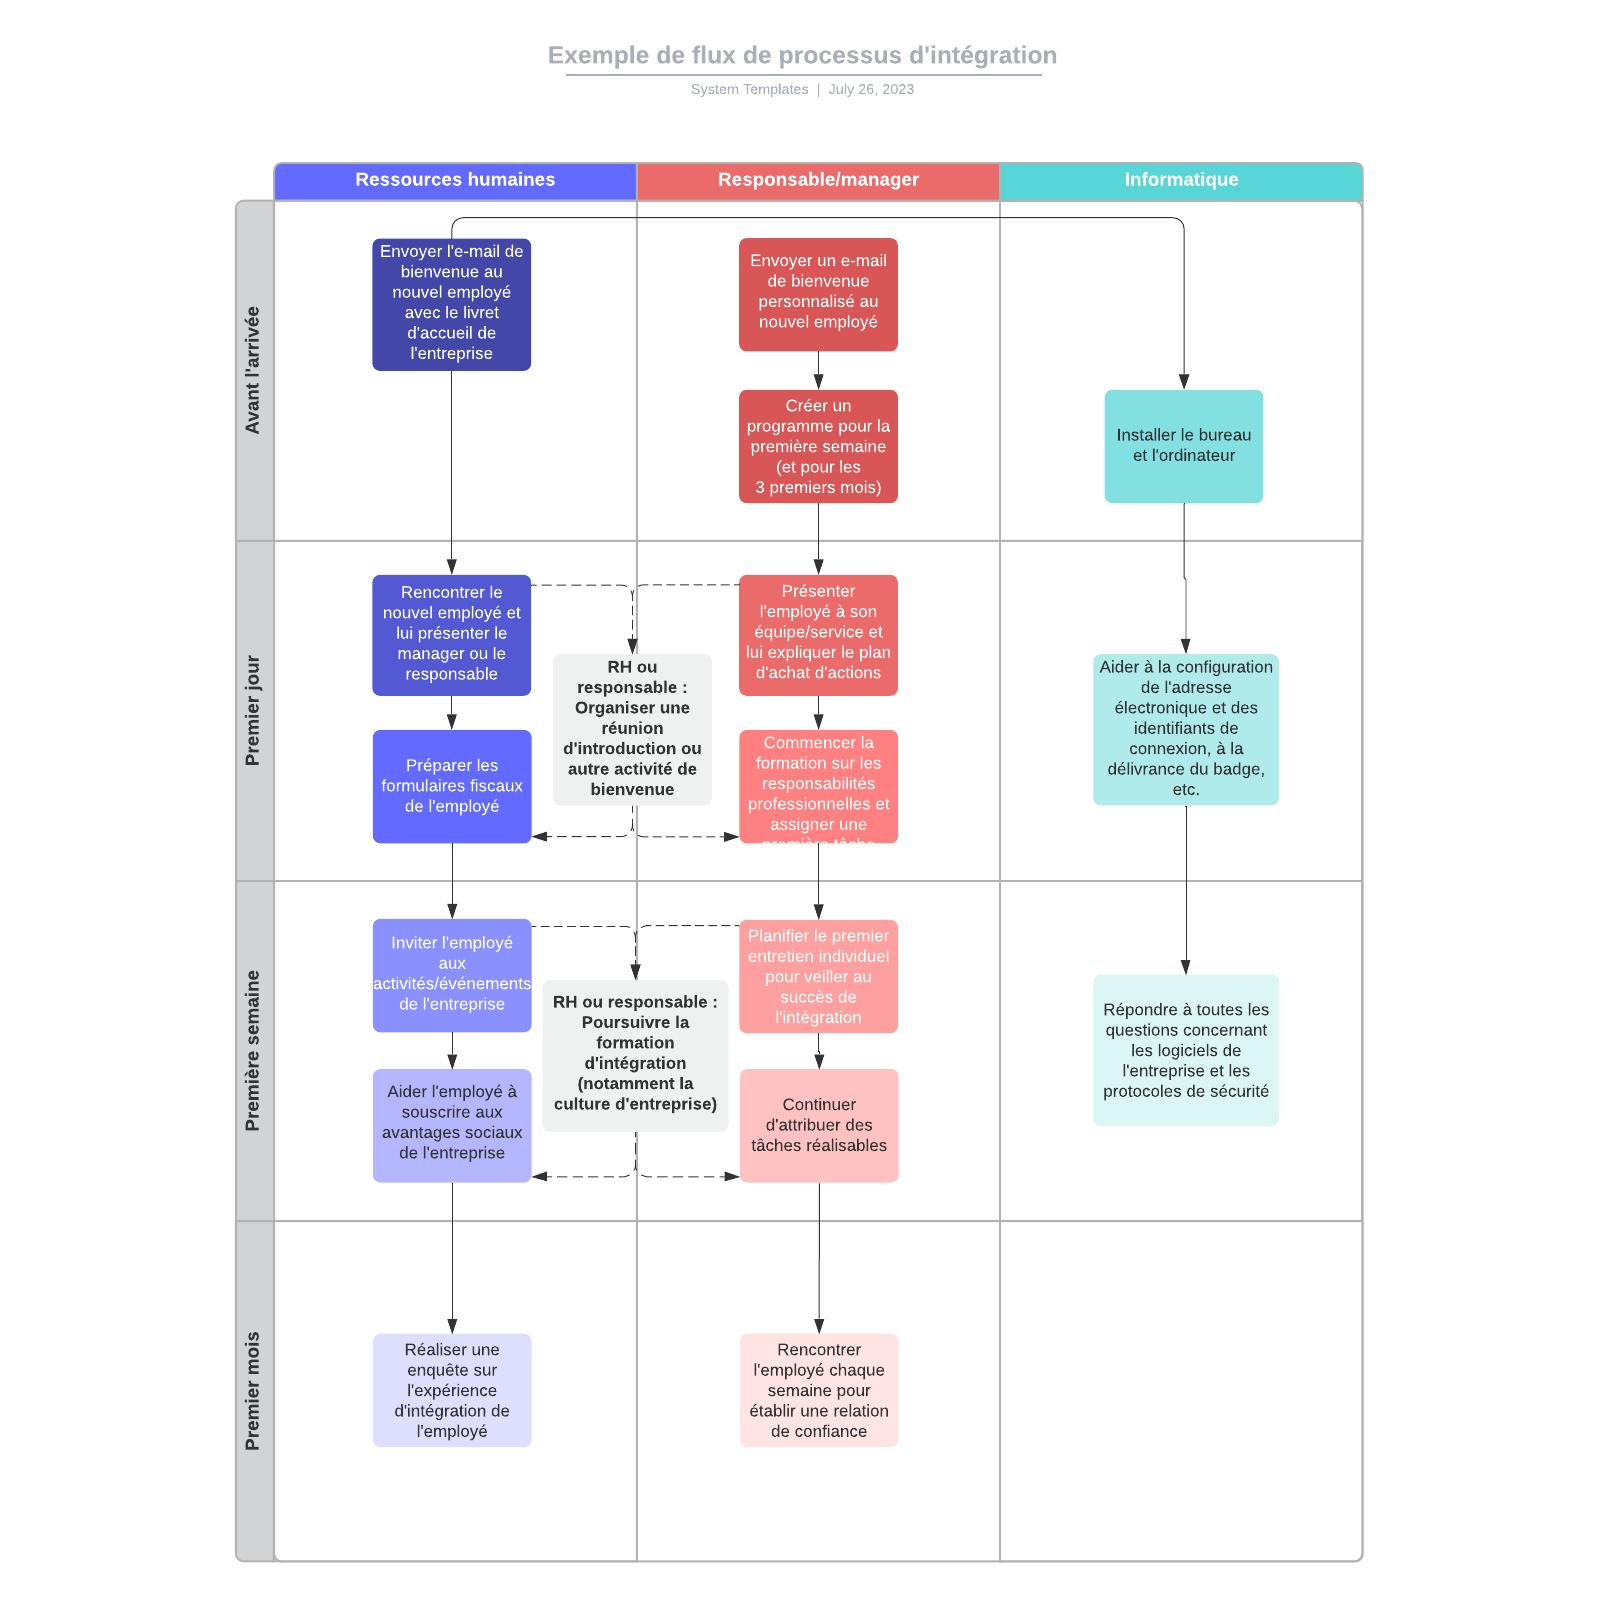 exemple de flux de processus d'intégration